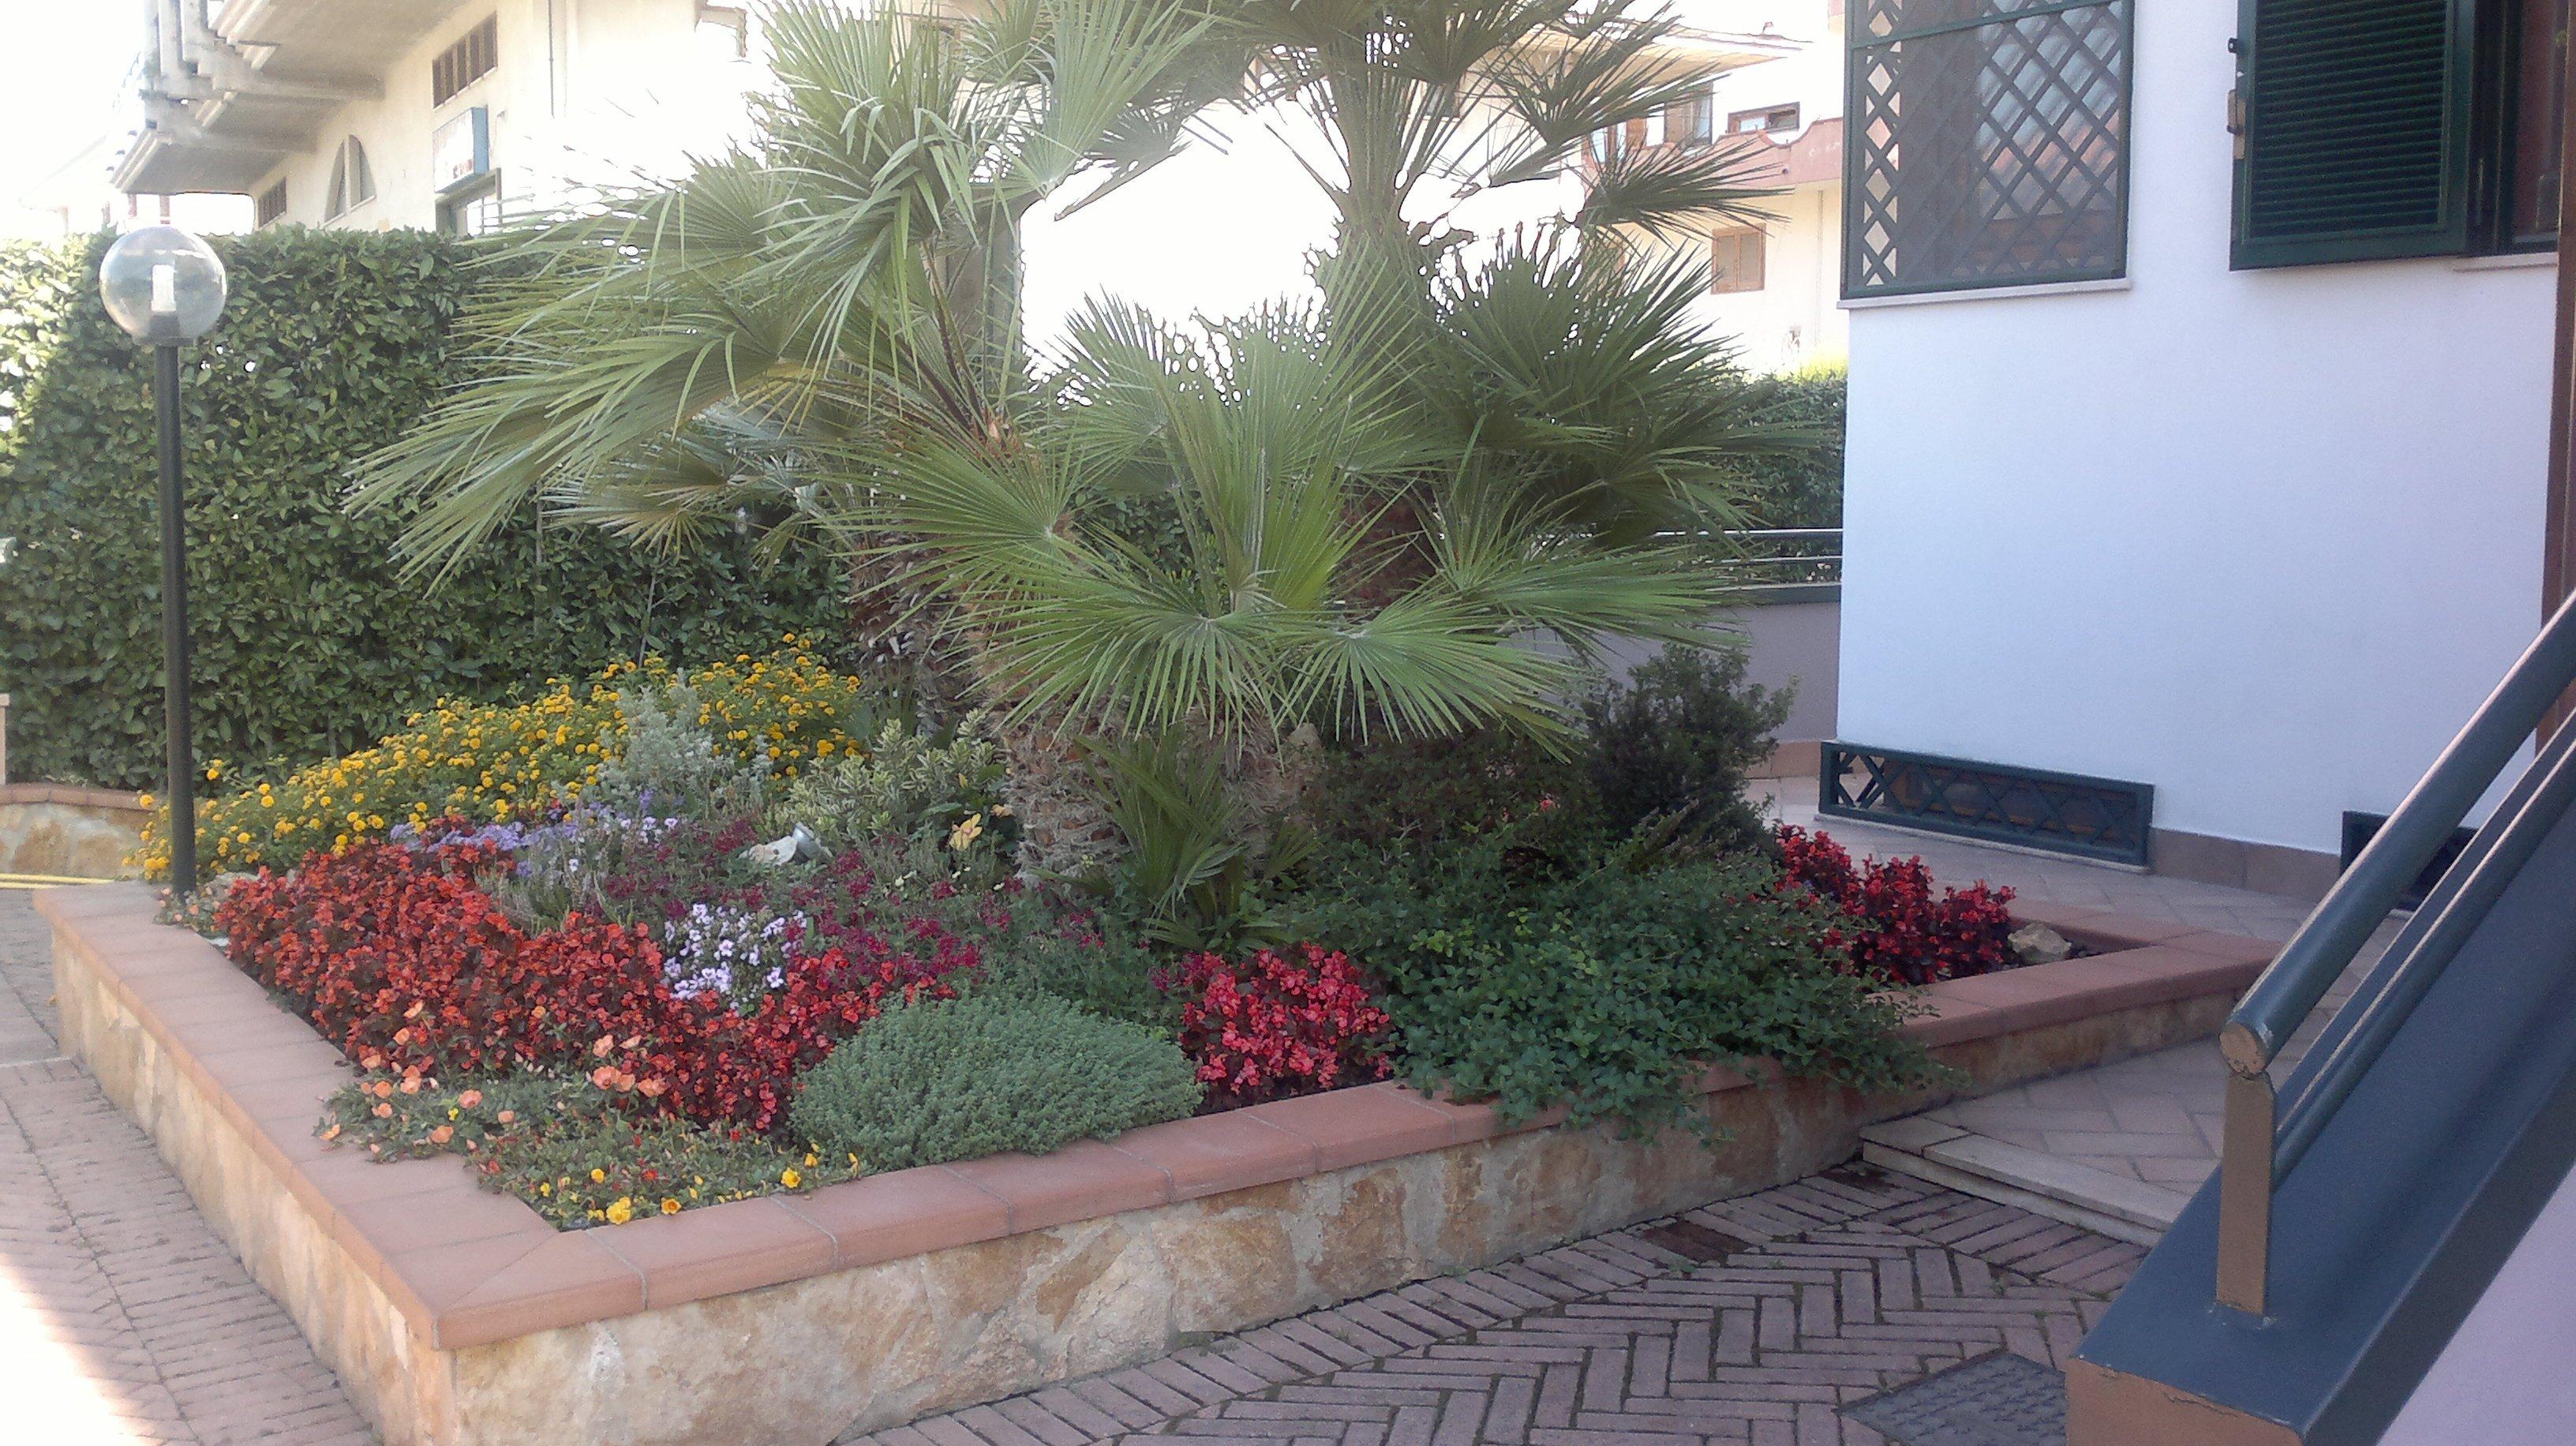 una palma con attorno dei fiori rossi,viola, gialli e un lampione della luce